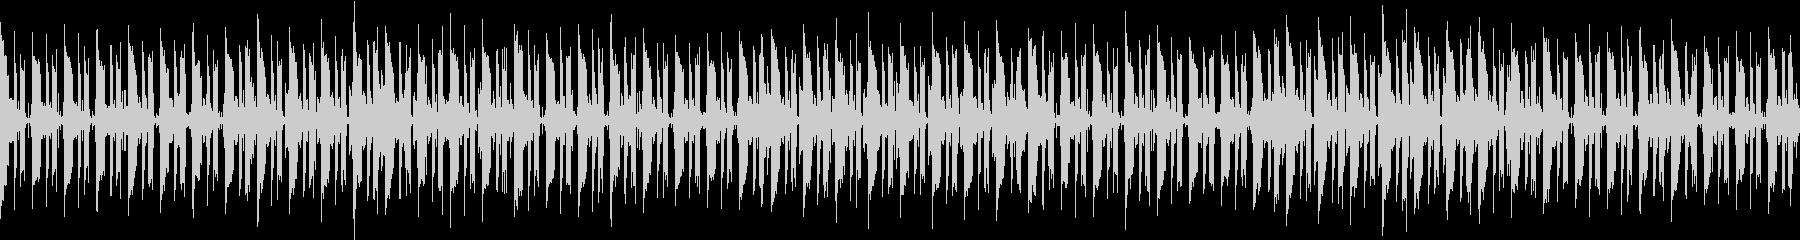 スロウジャズ:お酒のシーンに合う曲_4の未再生の波形